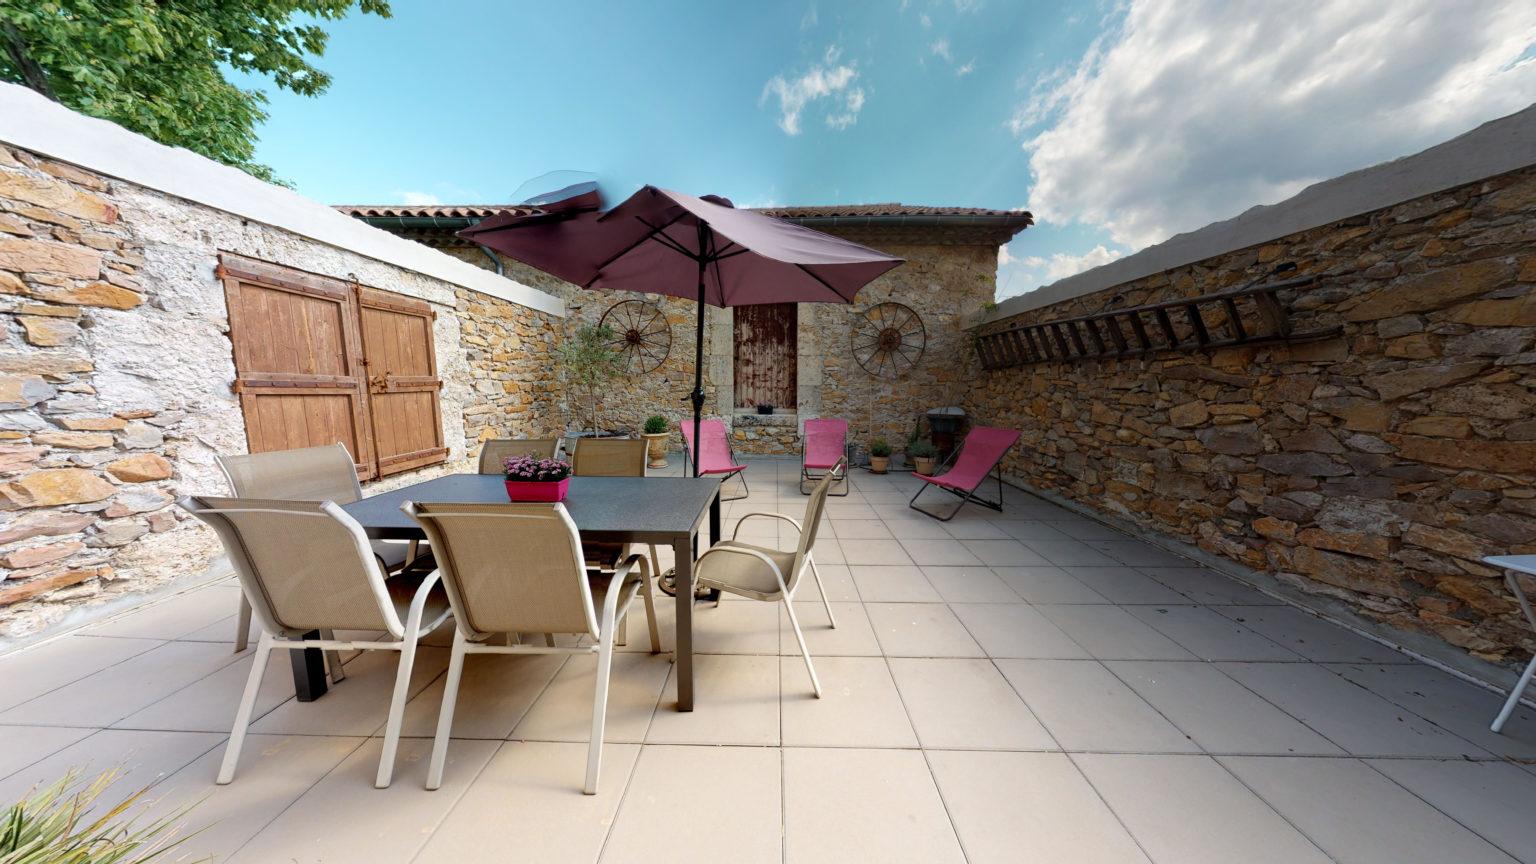 Terrasse table parasol et transats